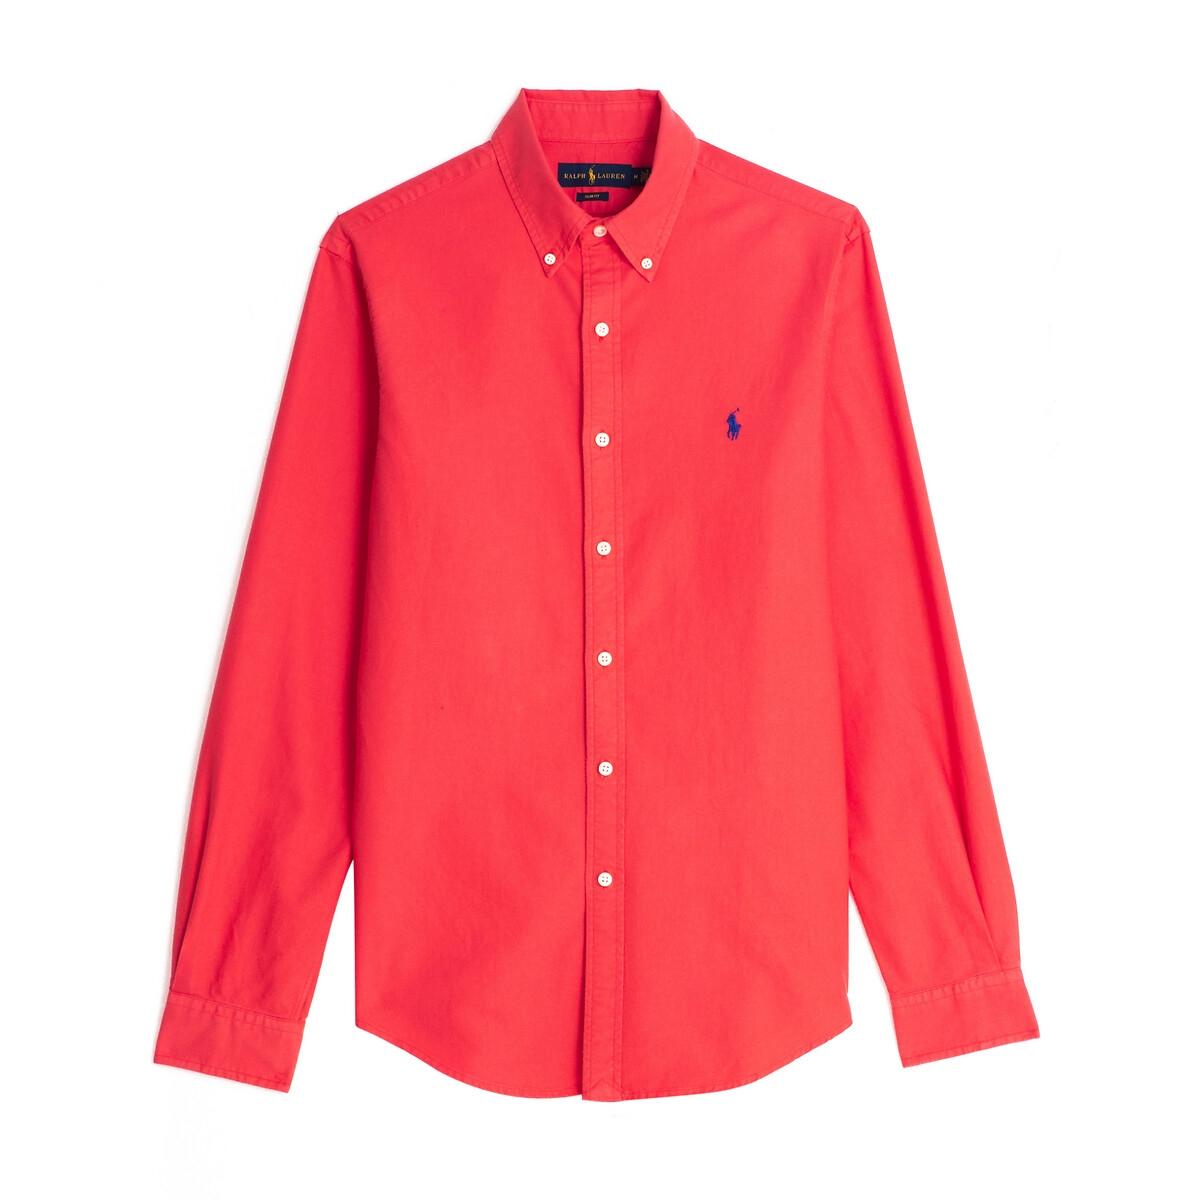 цена Рубашка La Redoute Узкого покроя из ткани оксфорд L красный онлайн в 2017 году